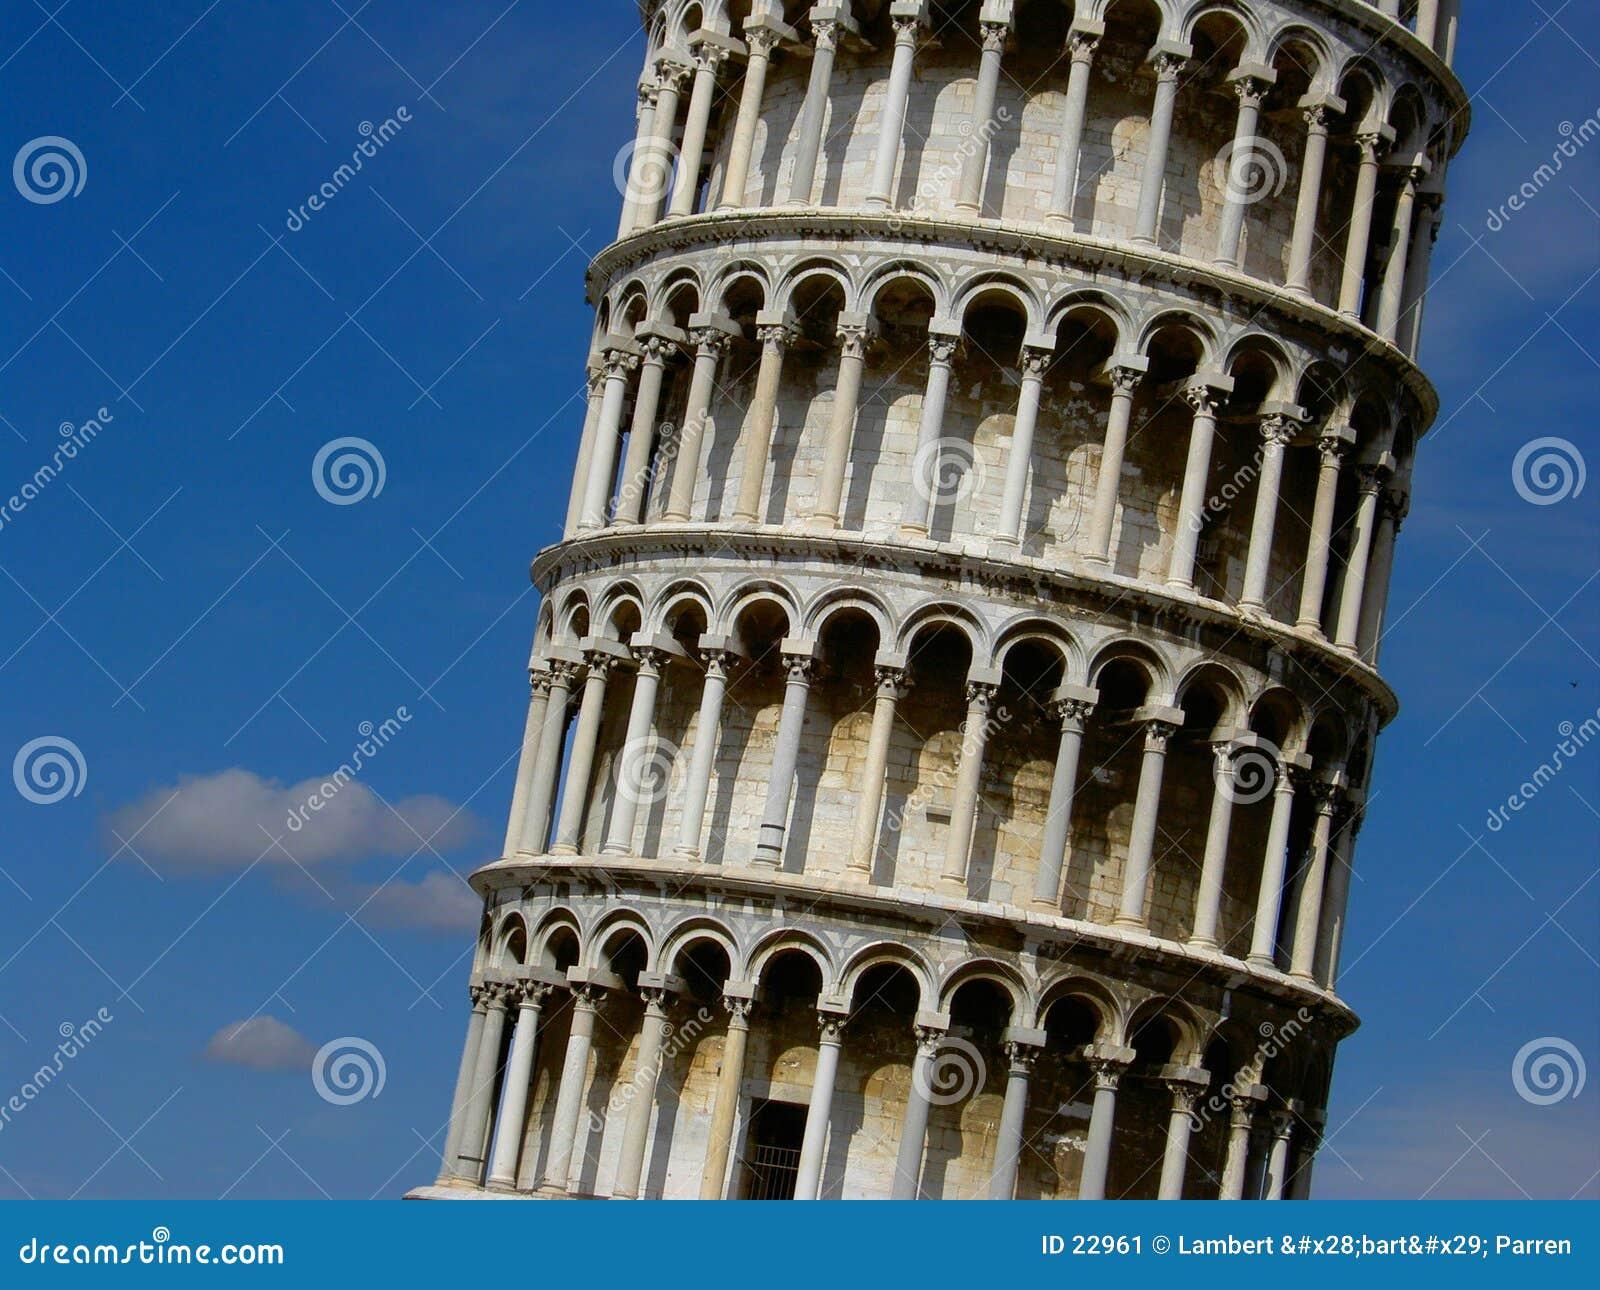 La tour penchée de Pise